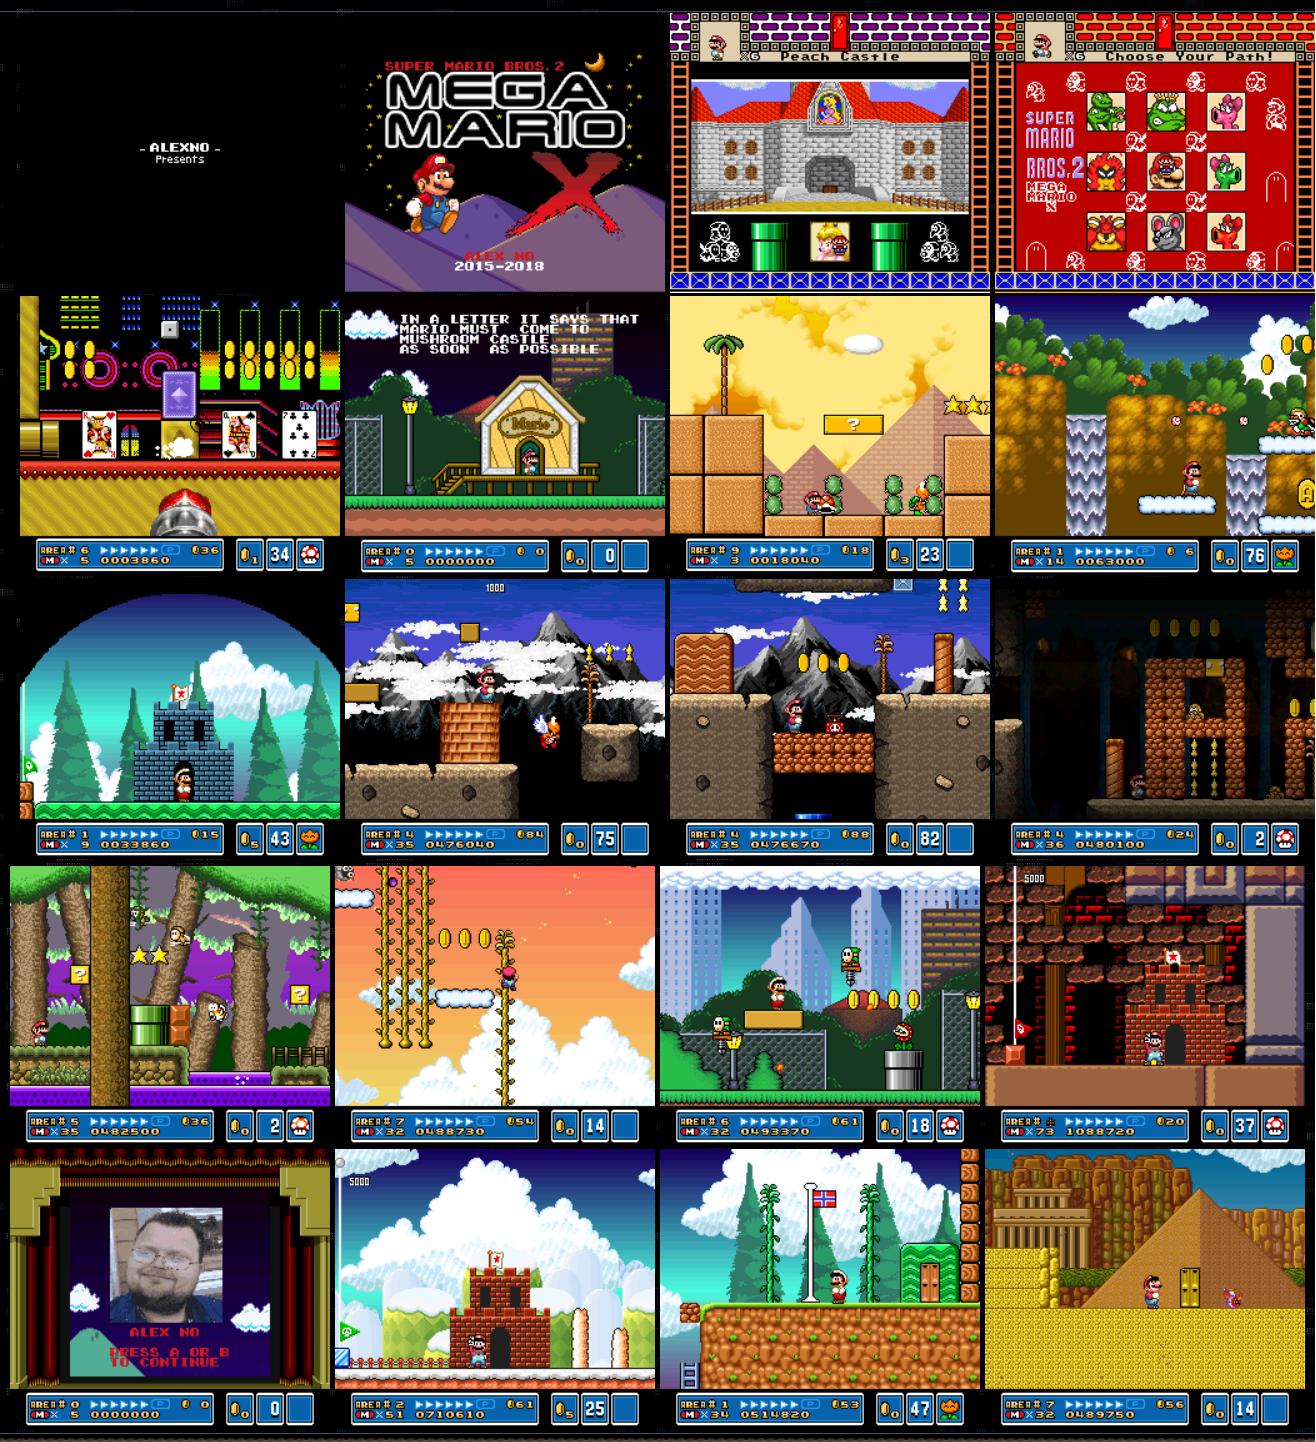 Super Mario Bros 2 Mega Mario X - Full Hack Releases - SMW